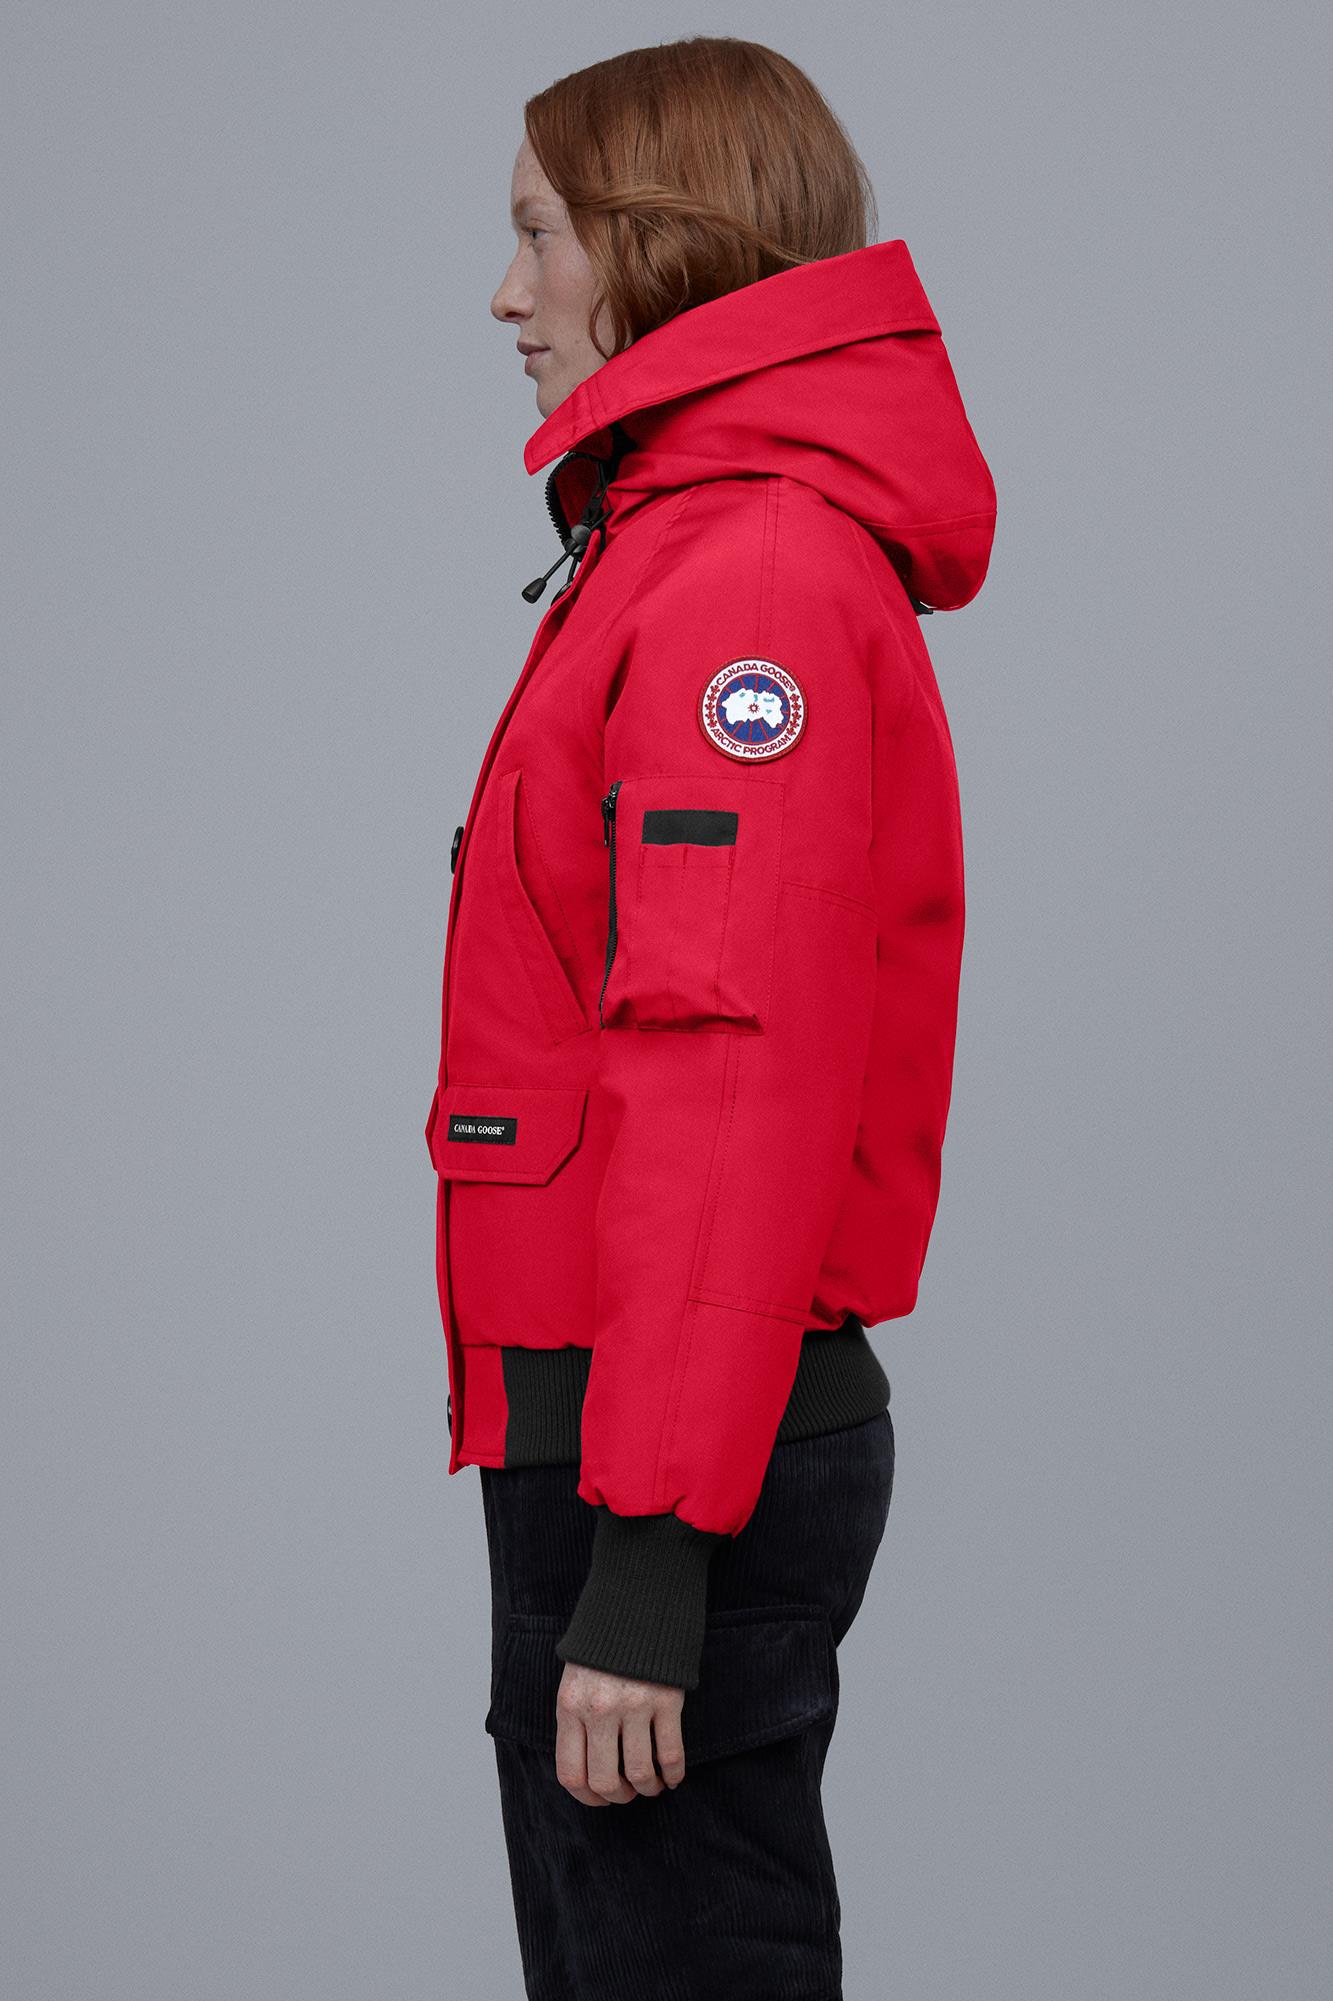 c48533c9c83 Women's Chilliwack Bomber | Canada Goose®